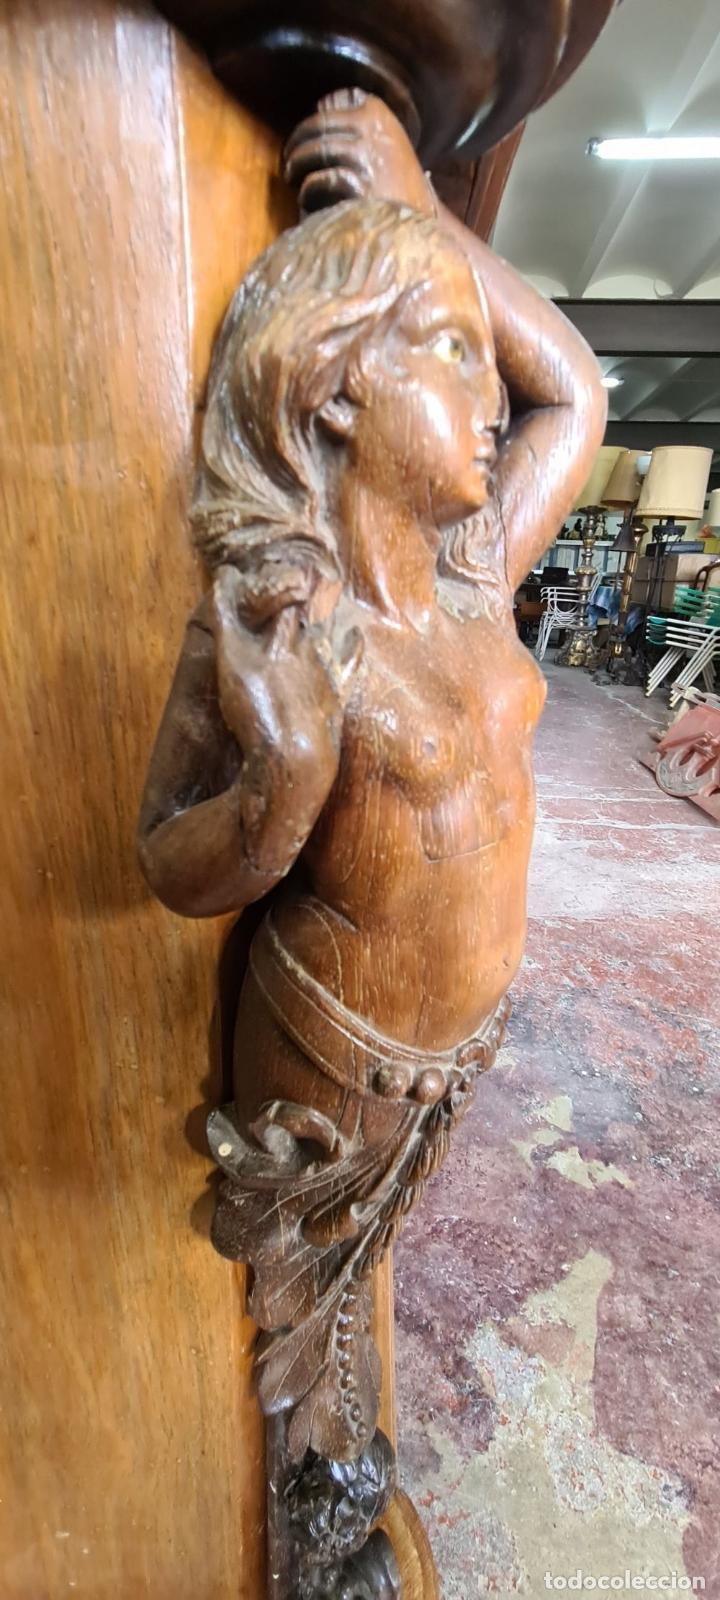 Antigüedades: COMODA EN MADERA DE PALISANDRO. SOBRE DE MÁRMOL. ESTILO ISABELINO. SIGLO XIX. - Foto 43 - 238756765